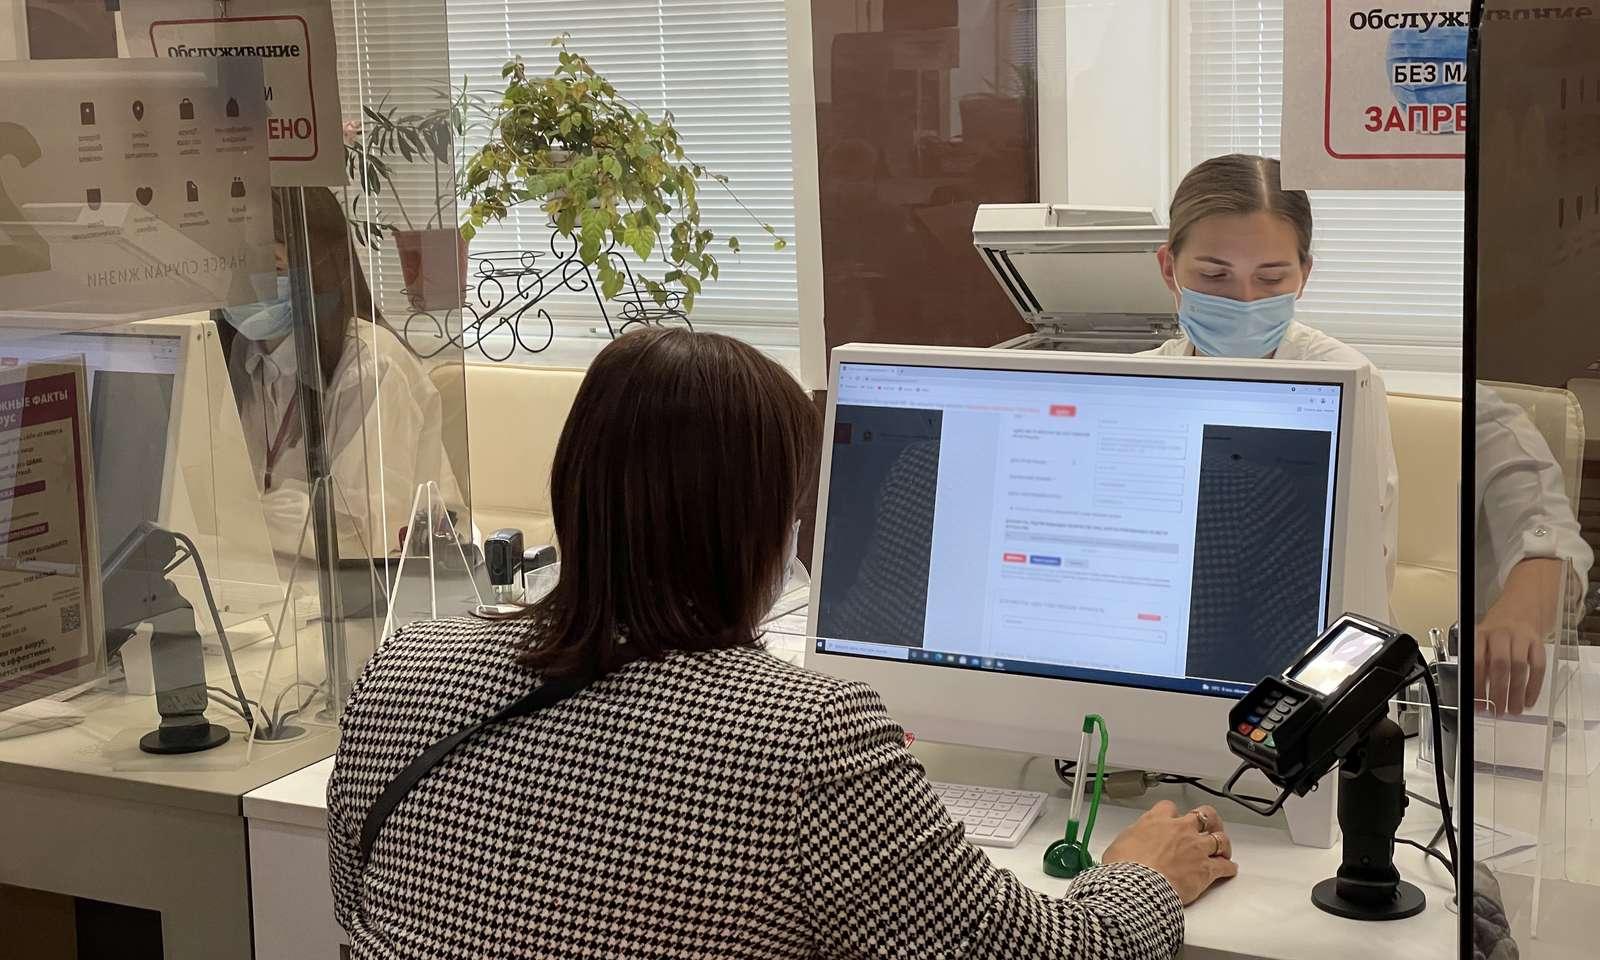 Уникальные мониторы для одновременной работы клиентов и сотрудников появились в МФЦ Сергиева Посада | Изображение 4